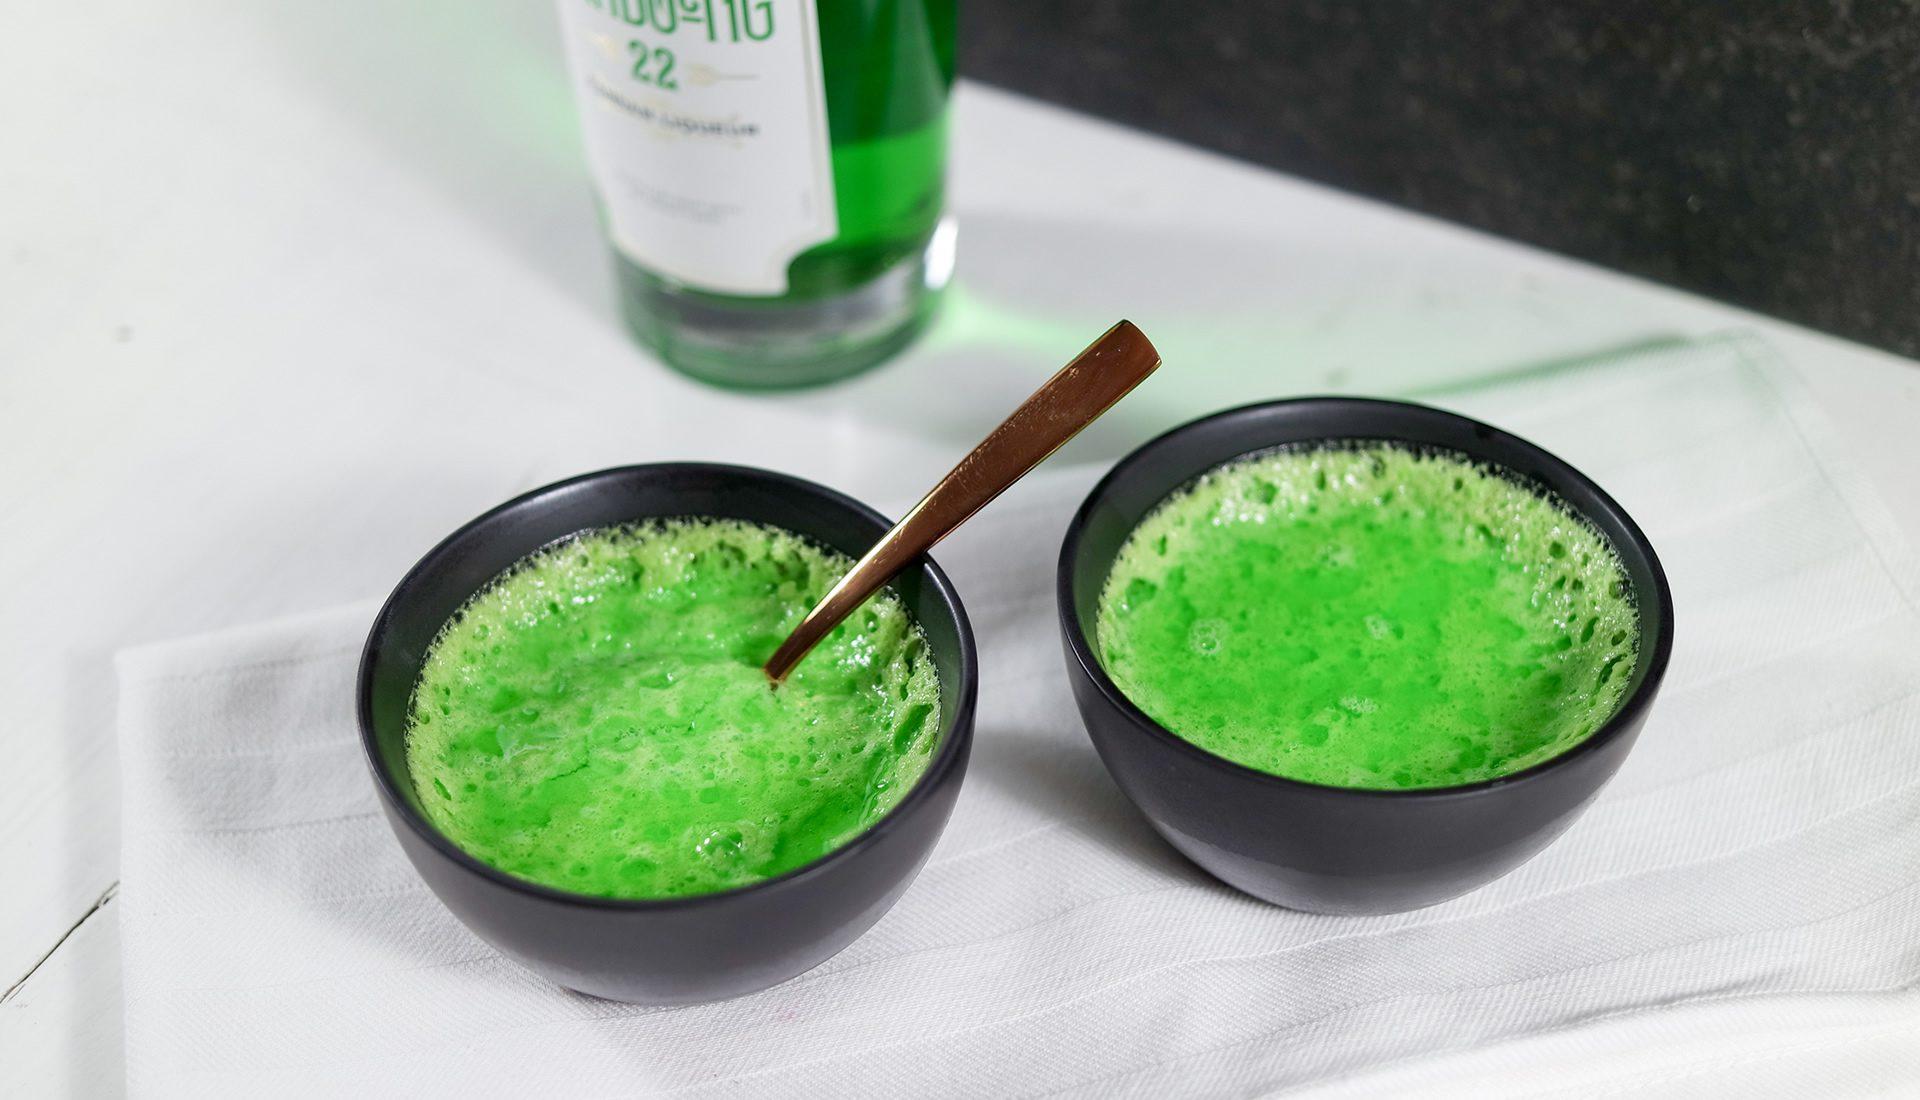 Crème brûlée with Bandoeng'22 Pandan liqueur